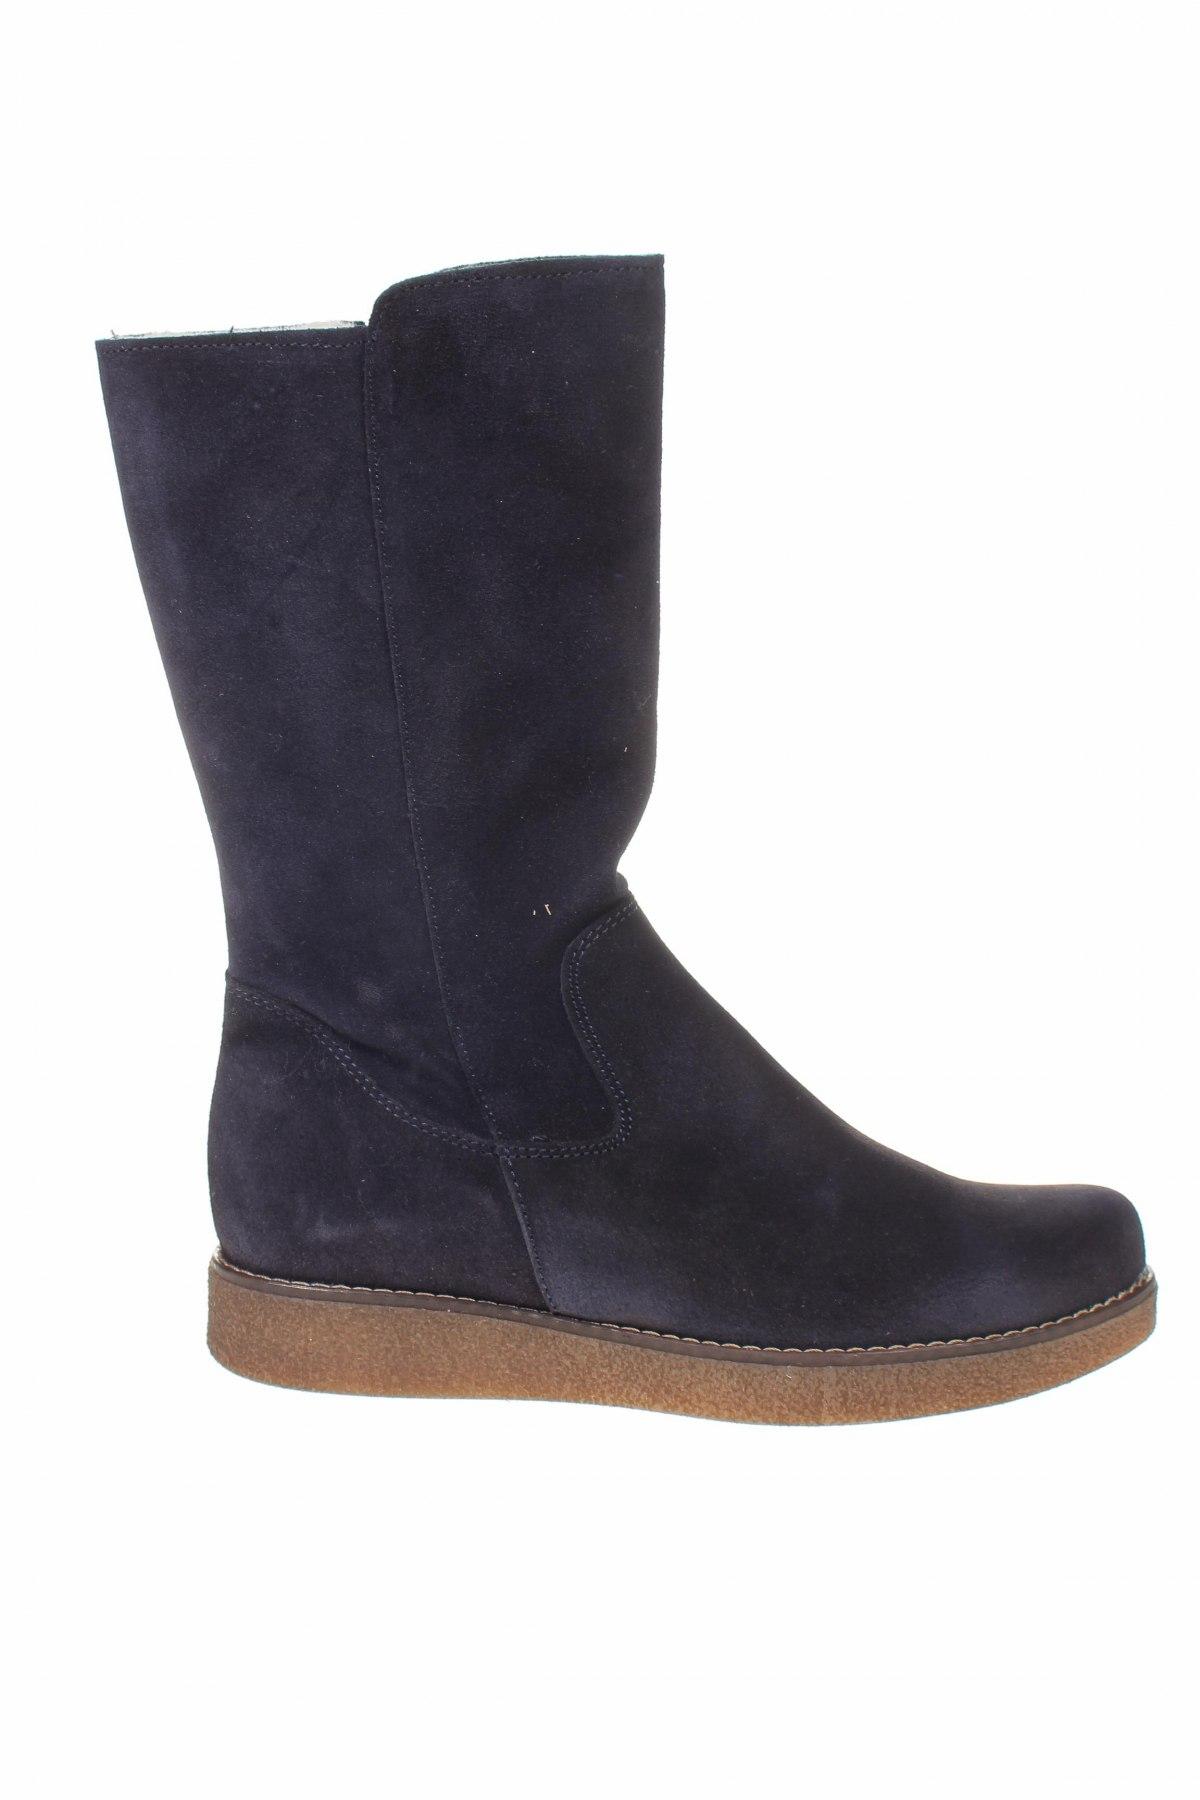 Παιδικά παπούτσια Kmins, Μέγεθος 38, Χρώμα Μπλέ, Φυσικό σουέτ, Τιμή 61,37€